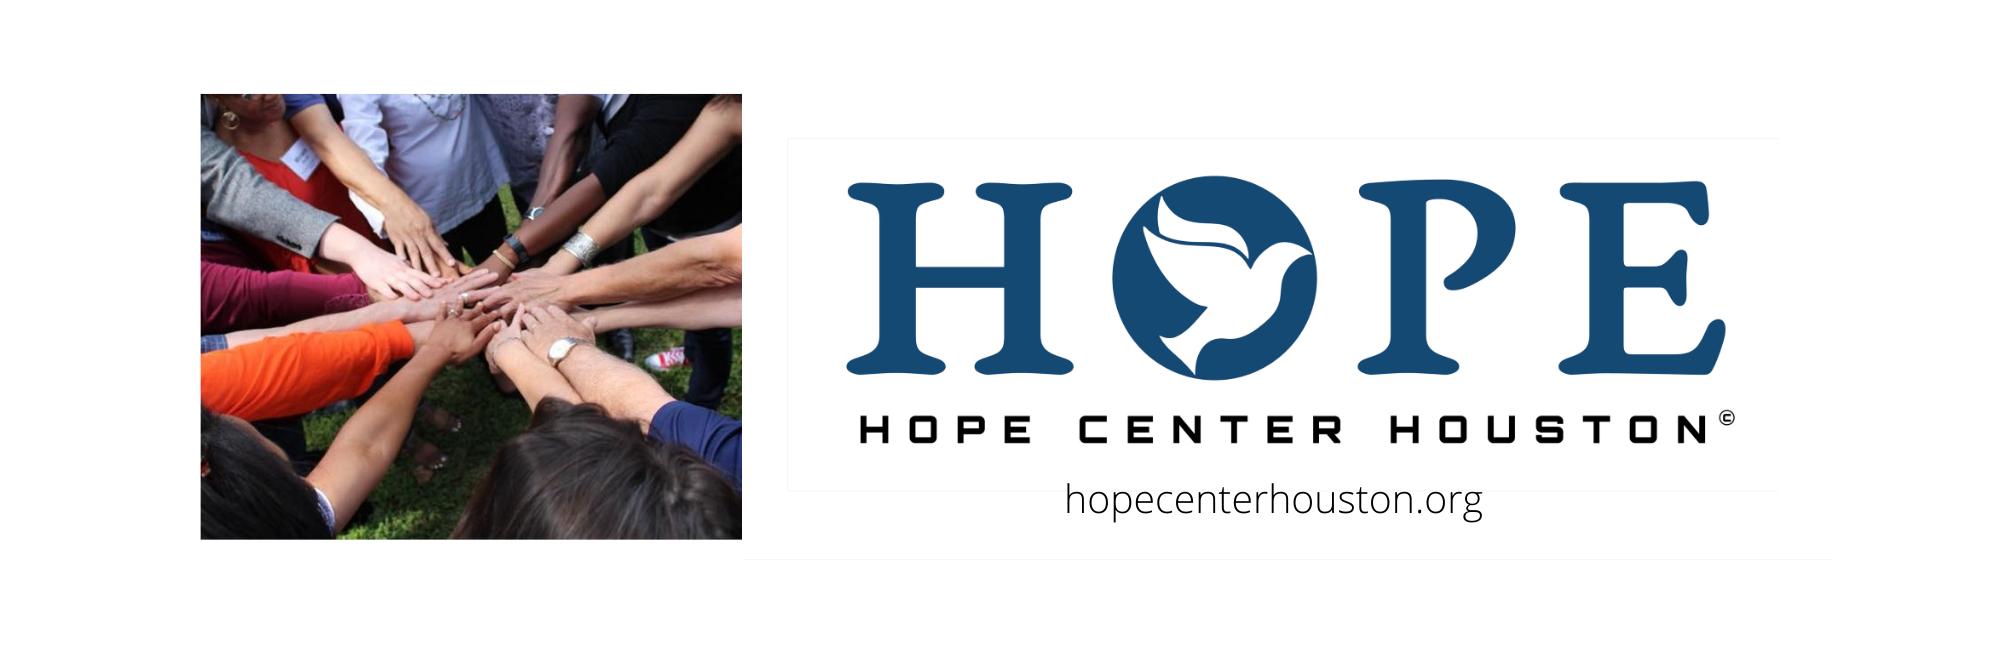 HCH Banner All Hands In